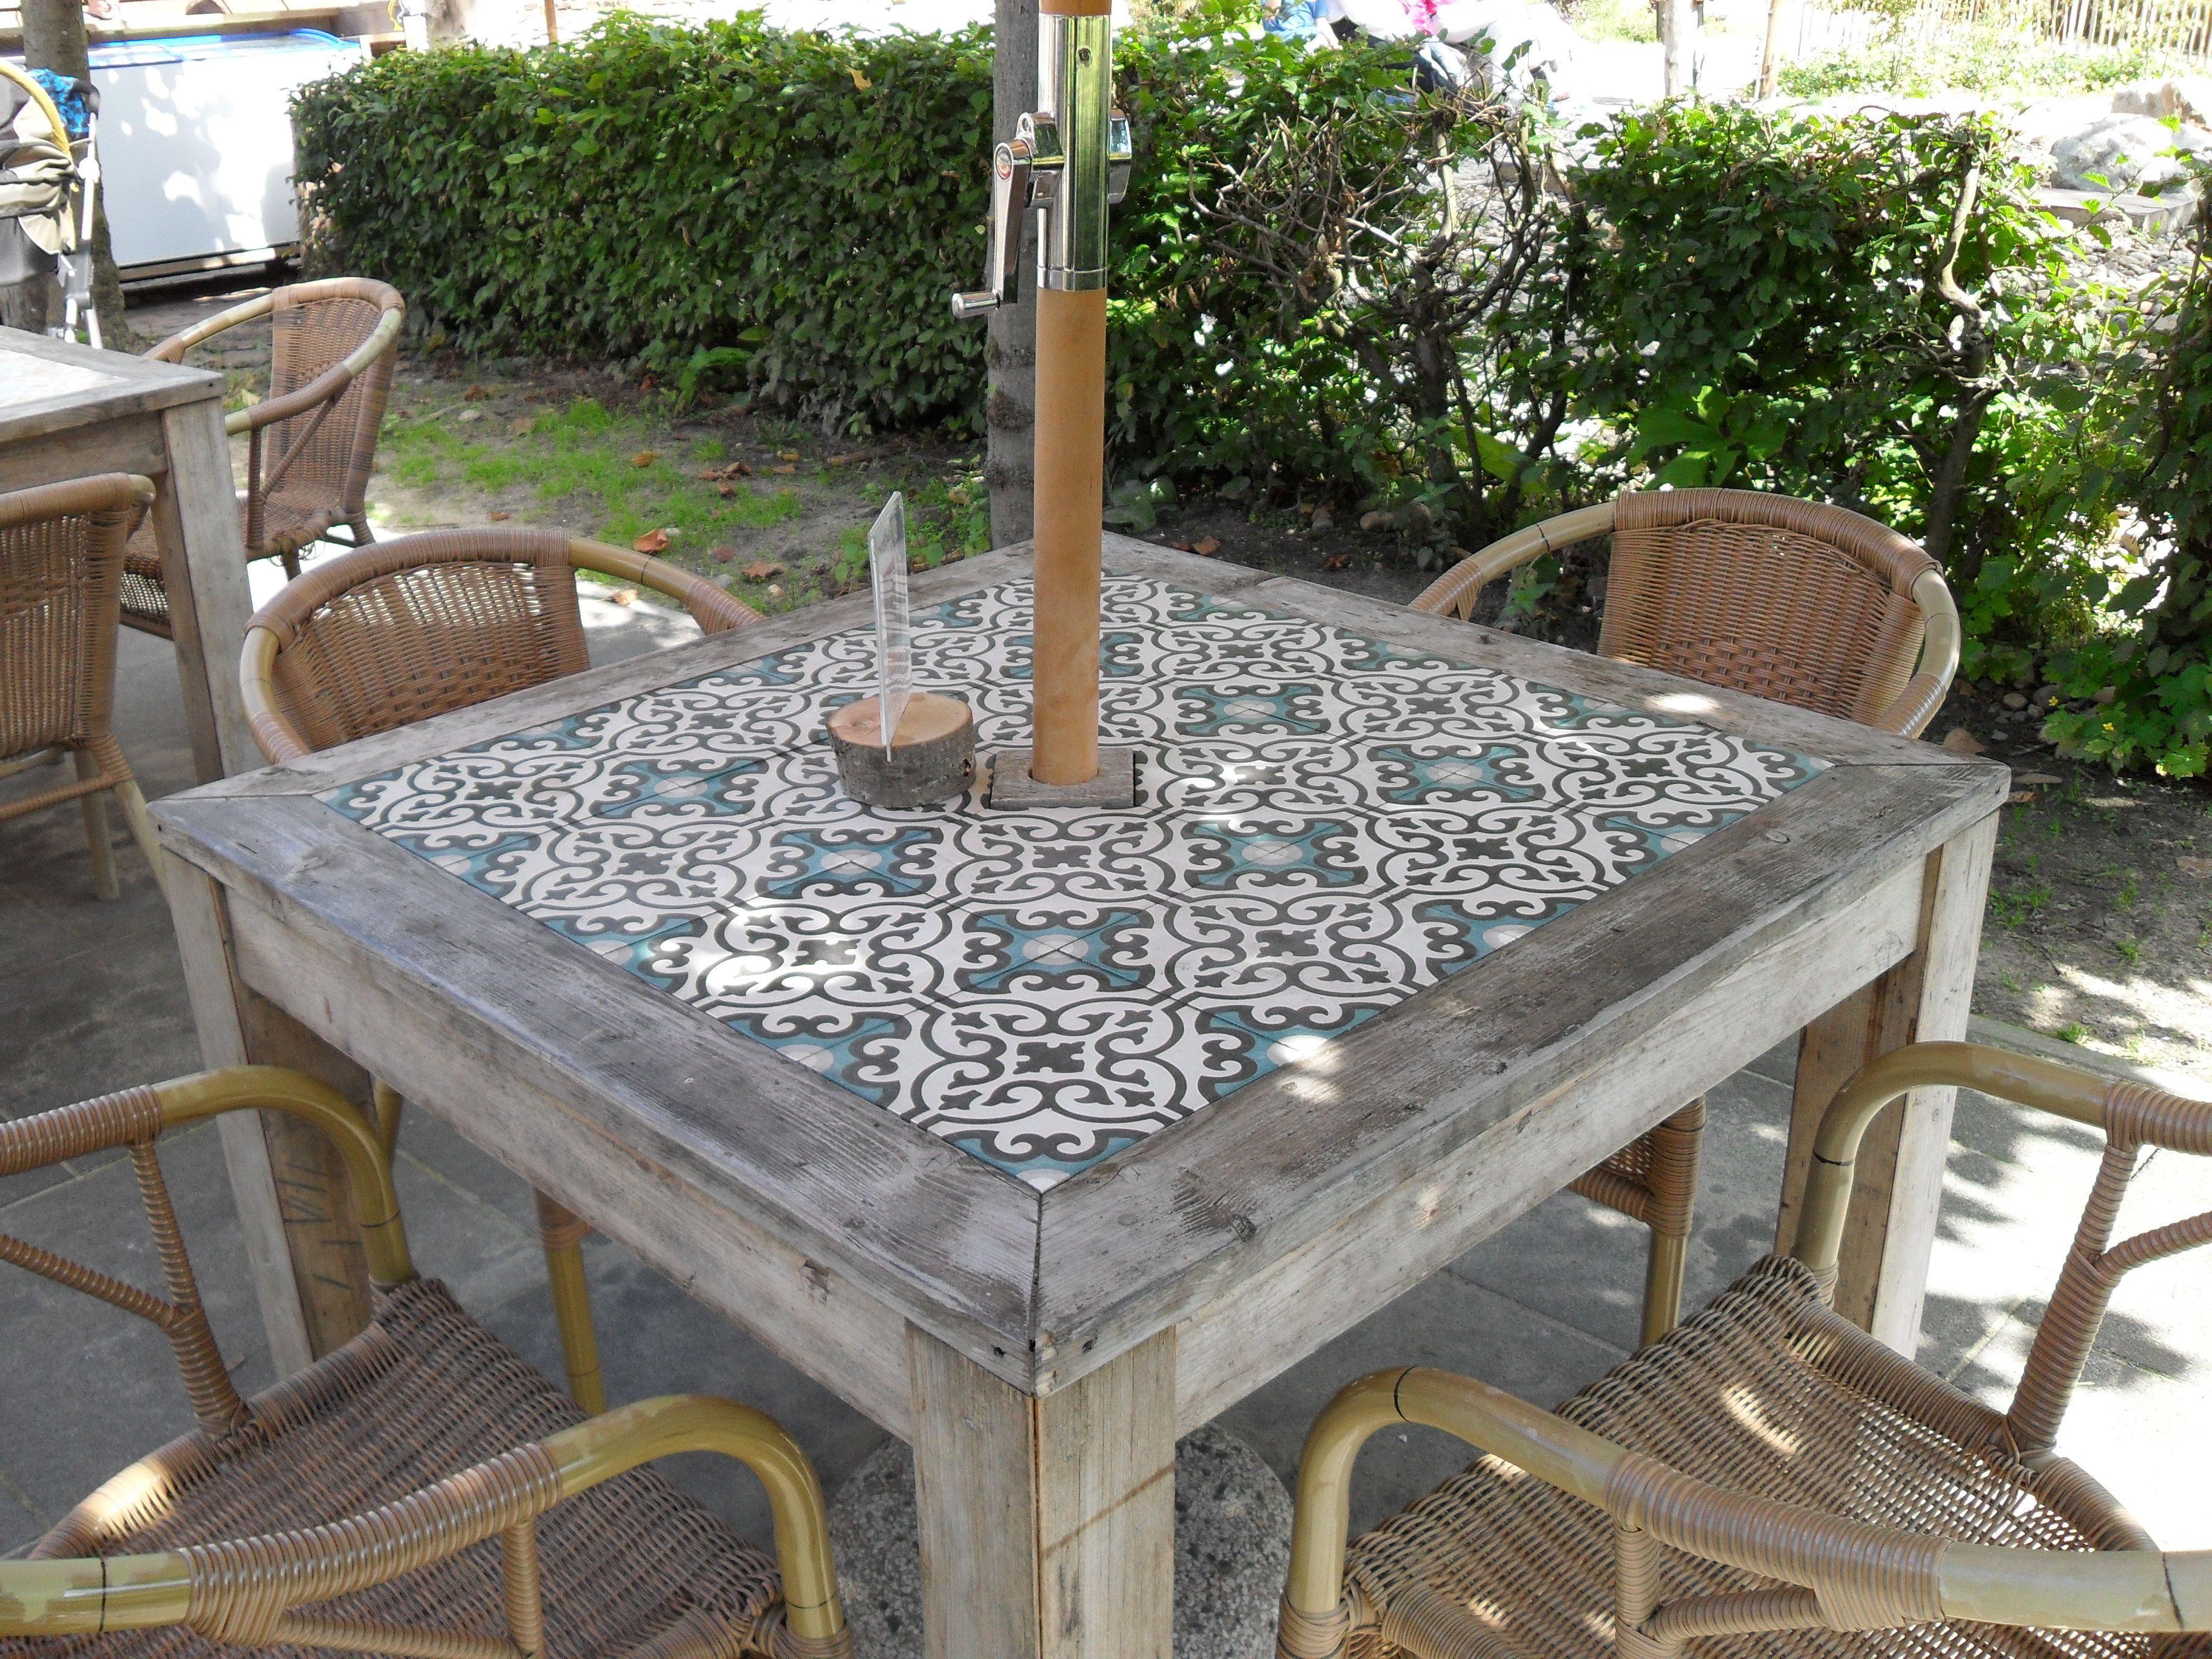 3648 2736 a faire for Azulejos terrazas patios